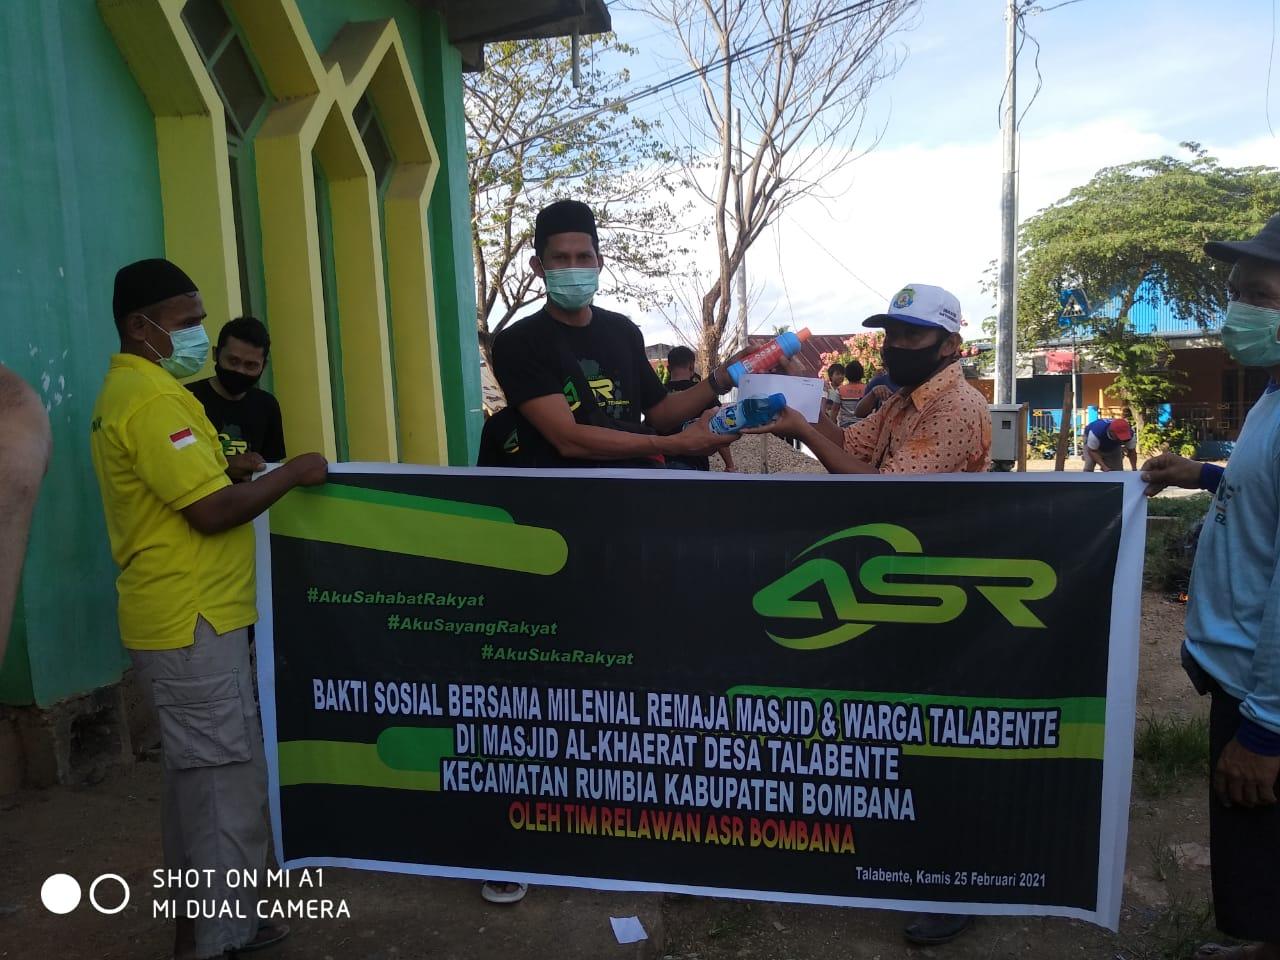 Relawan ASR saat menyerahkan sejumlah Bantuan pada Pengurus Masjid